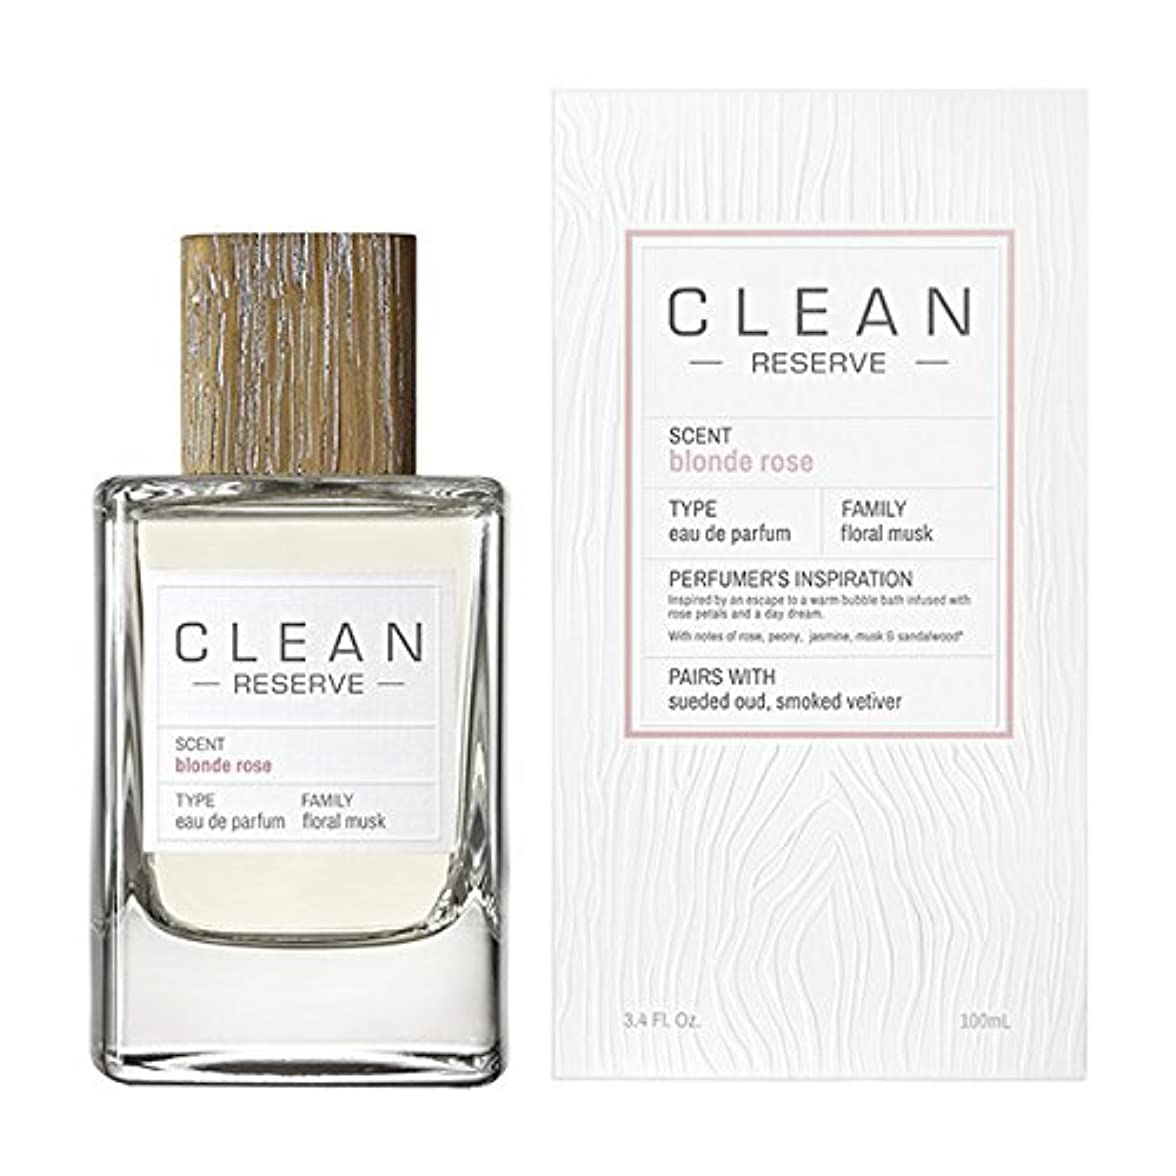 リットル悔い改めつなぐ◆【CLEAN】Unisex香水◆クリーン リザーブ ブロンドローズ オードパルファムEDP 100ml◆